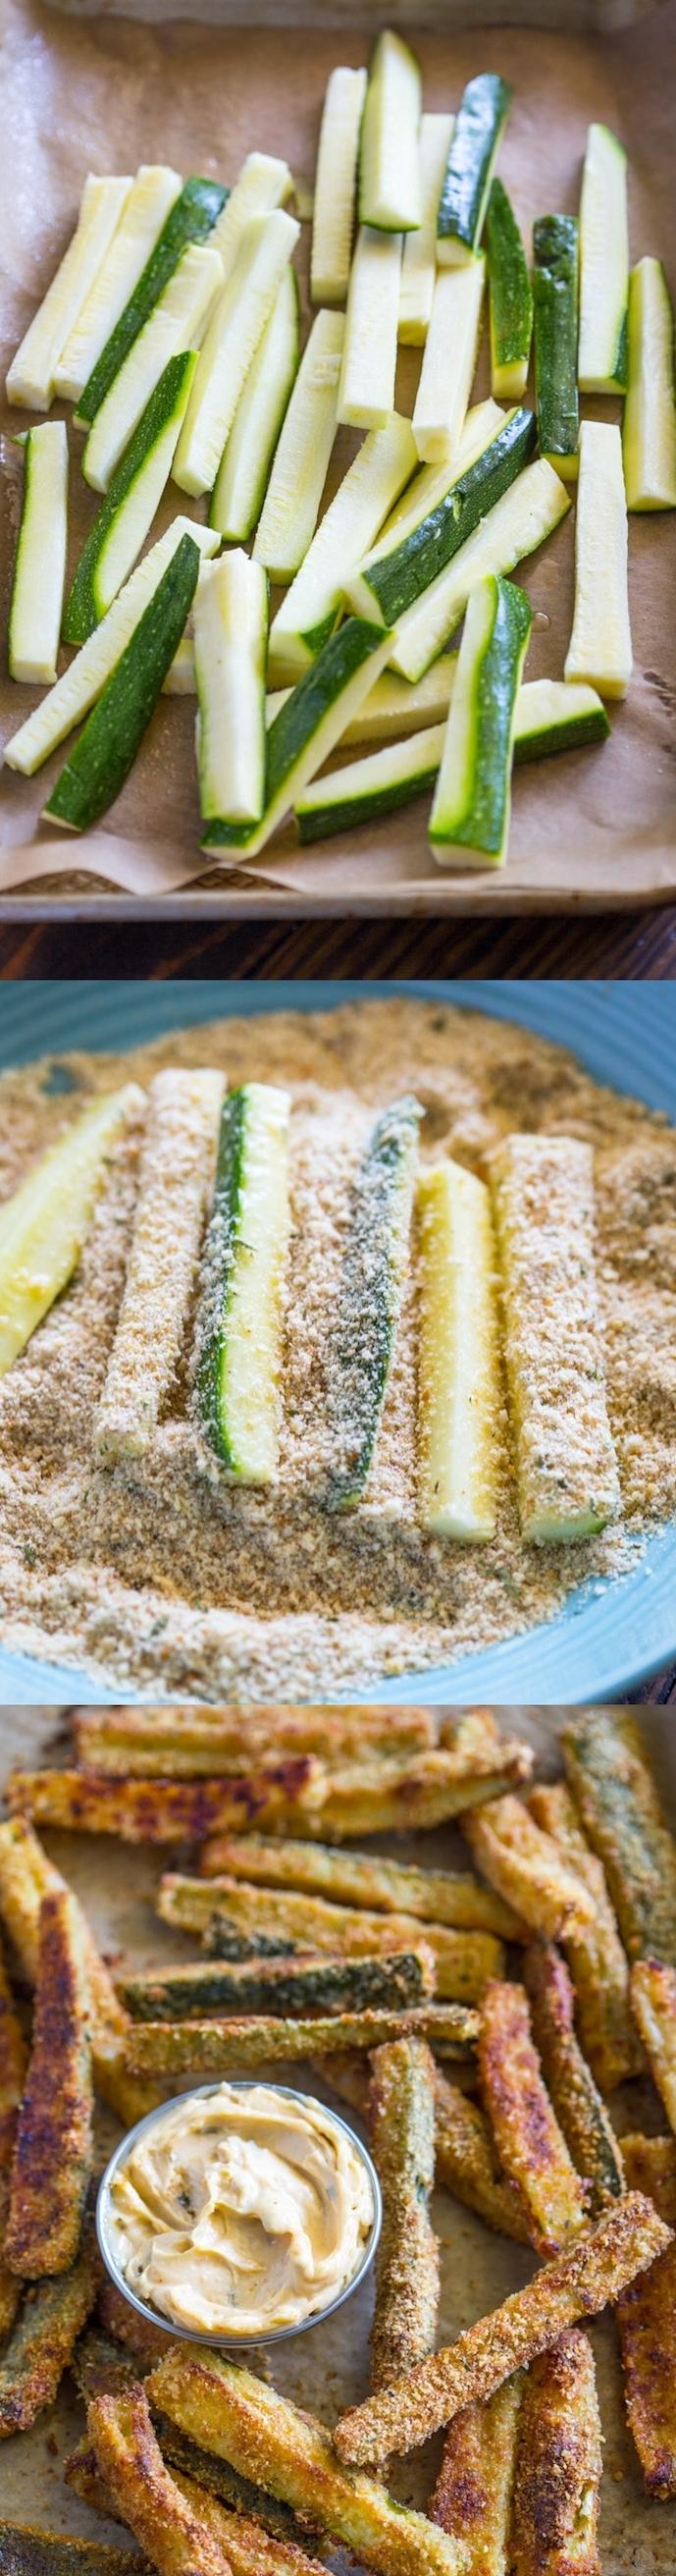 frites en courgettes avec de la chapelure panko et des oeufs avec de la sauce chipotle à servir comme amuse bouche apéritif facile